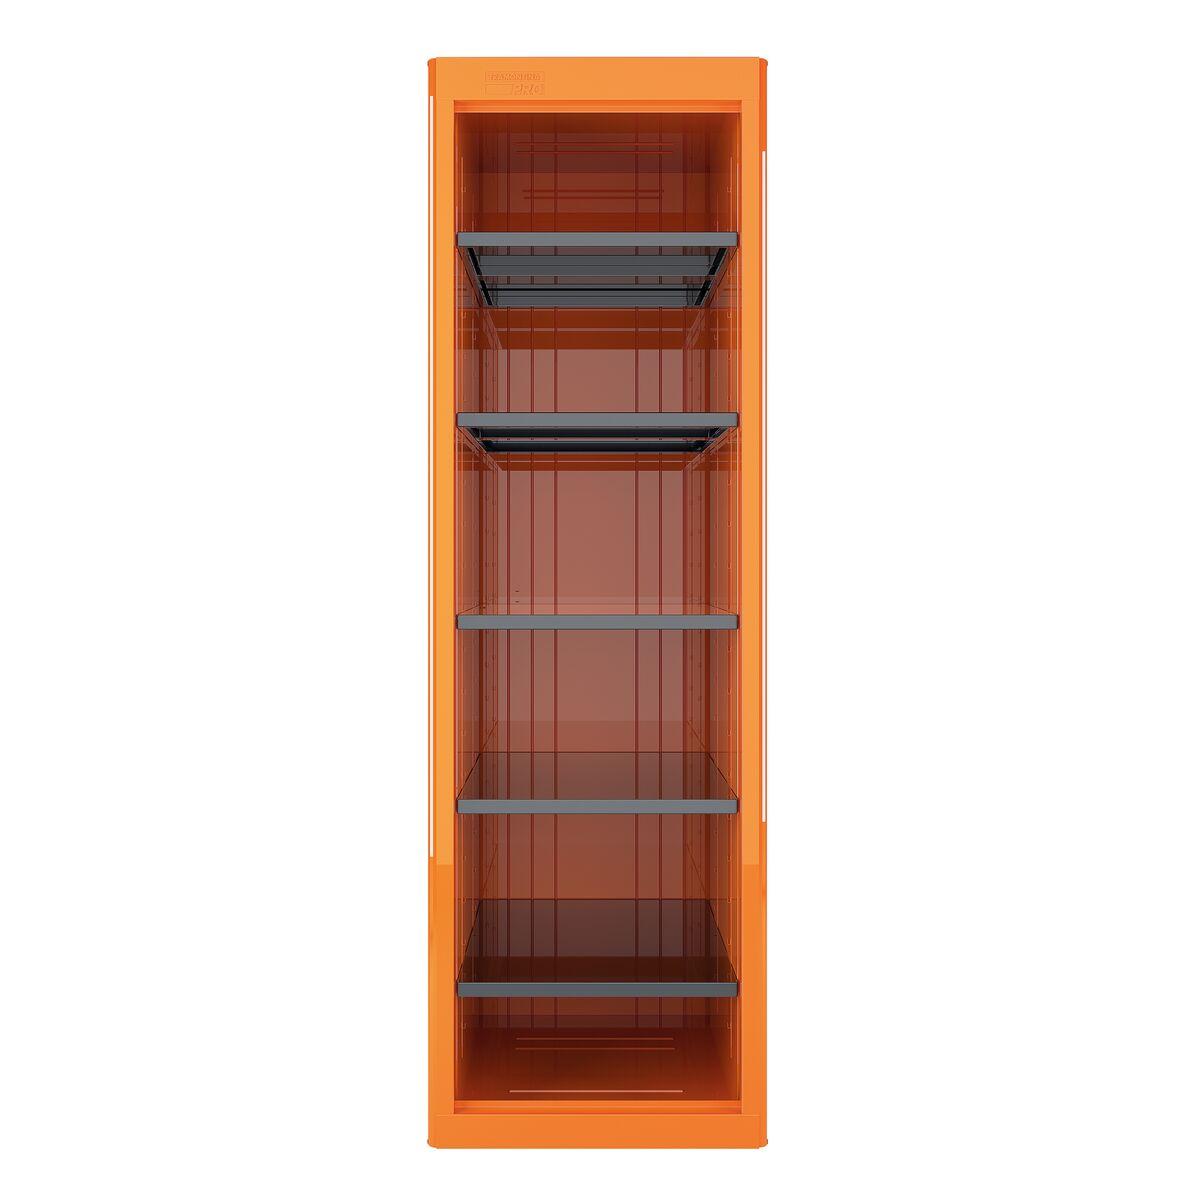 Tramontina 1 Door Tool Cabinet